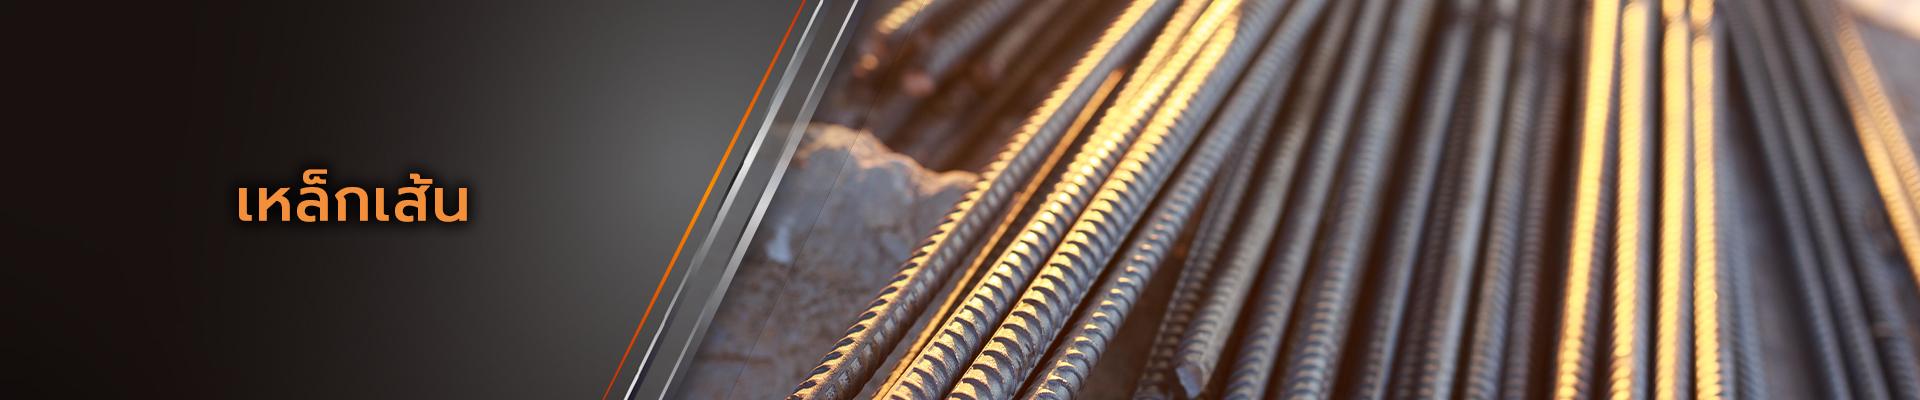 Metalsteelok โรงงานผลิตและจำหน่ายเหล็กเส้น คุณภาพดีที่ได้รับมาตรฐานถูกต้อง ในราคาที่ย่อมเยา ทั้งปลีกและส่ง มีบริการจัดส่งทั่วไทย โรงงานอยู่มหาชัย พระราม2